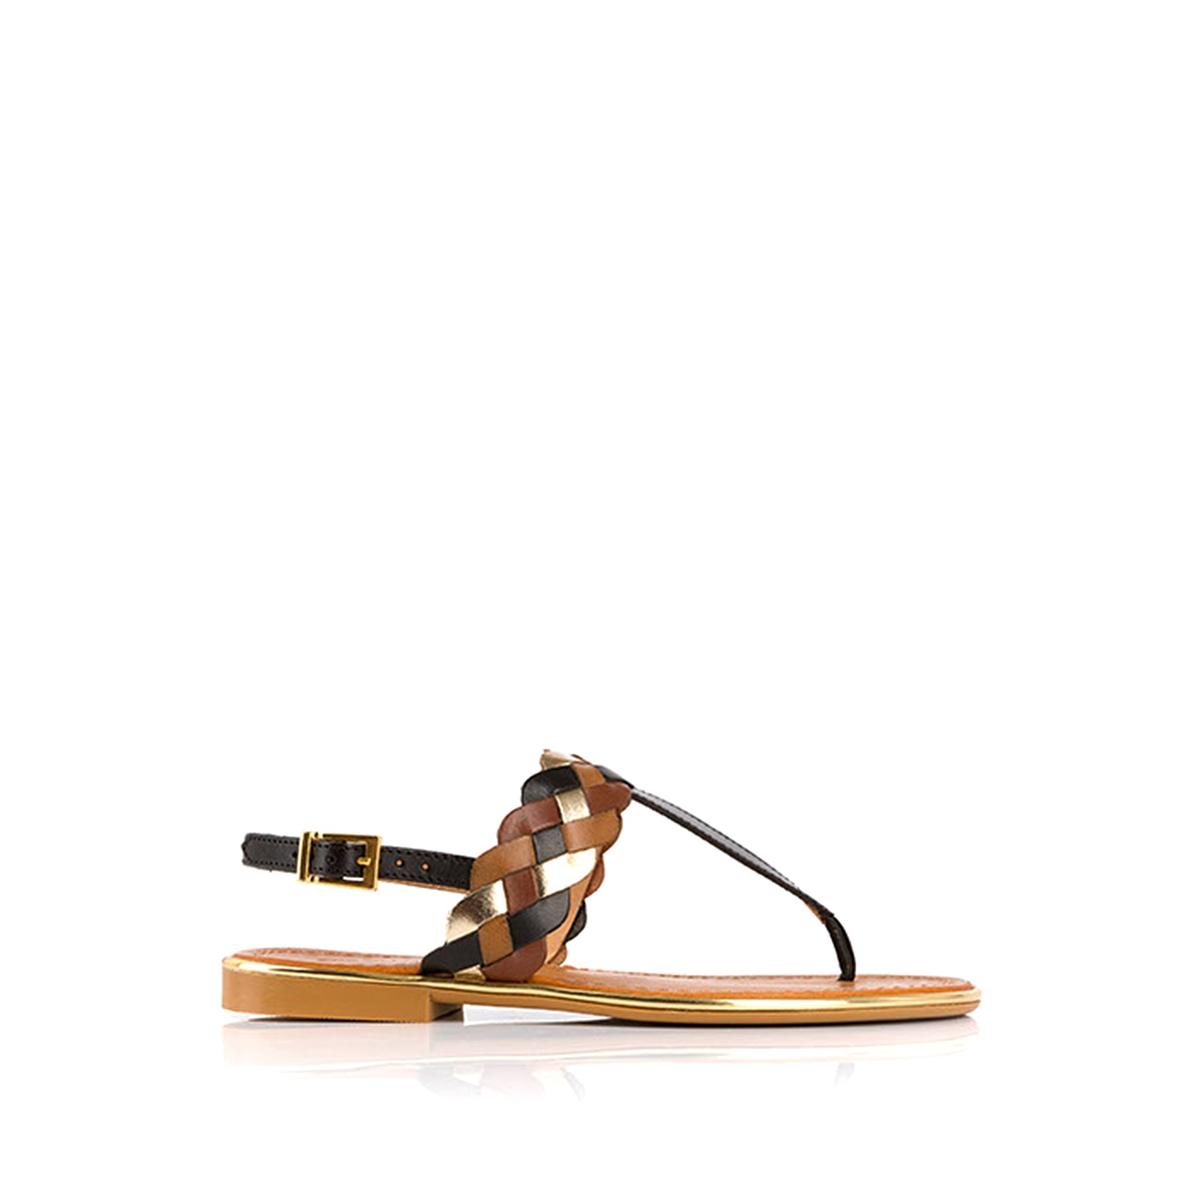 Босоножки кожаные BapoВерх: кожа.    Подкладка: кожа.    Стелька: кожа.    Подошва: синтетика.Высота каблука: 1 см.    Форма каблука: плоский каблук.Мысок: закругленный.    Застежка: пряжка.<br><br>Цвет: темно-бежевый / черный,темно-бежевый/розовый<br>Размер: 38.39.40